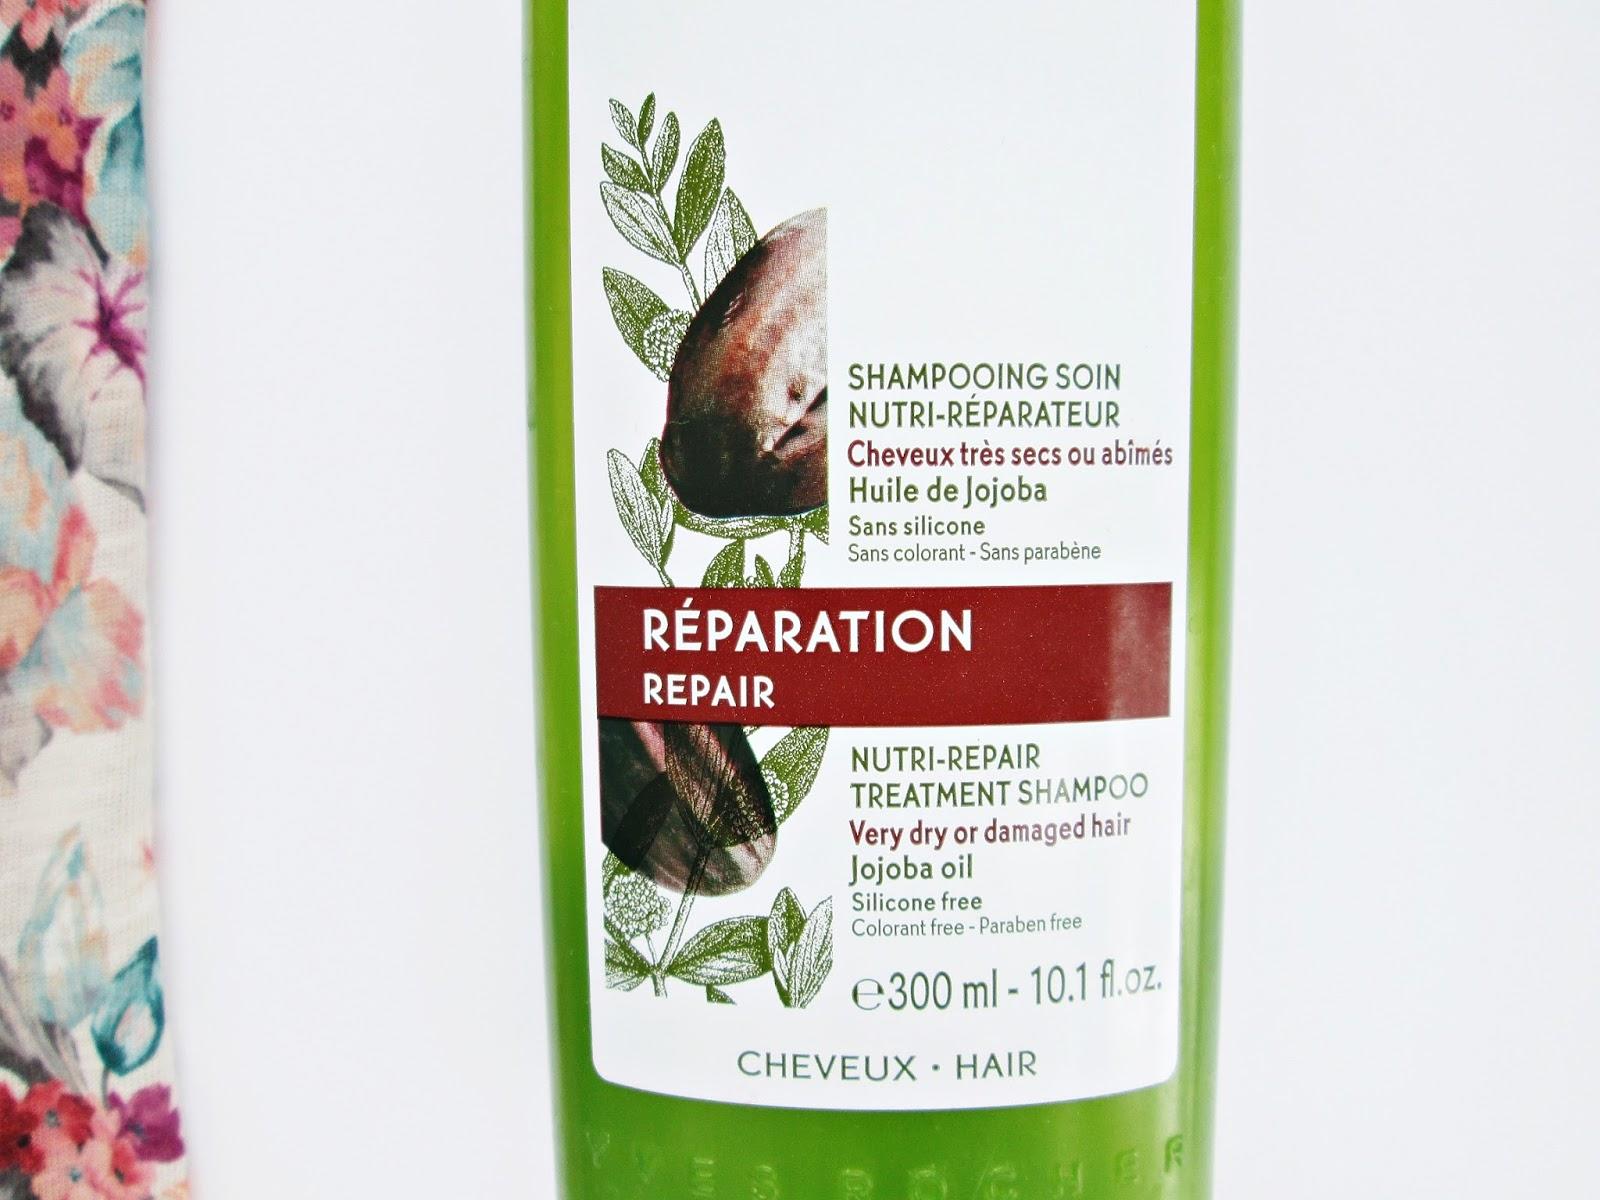 Yves Rocher Nutri - Repair Treatment Shampoo